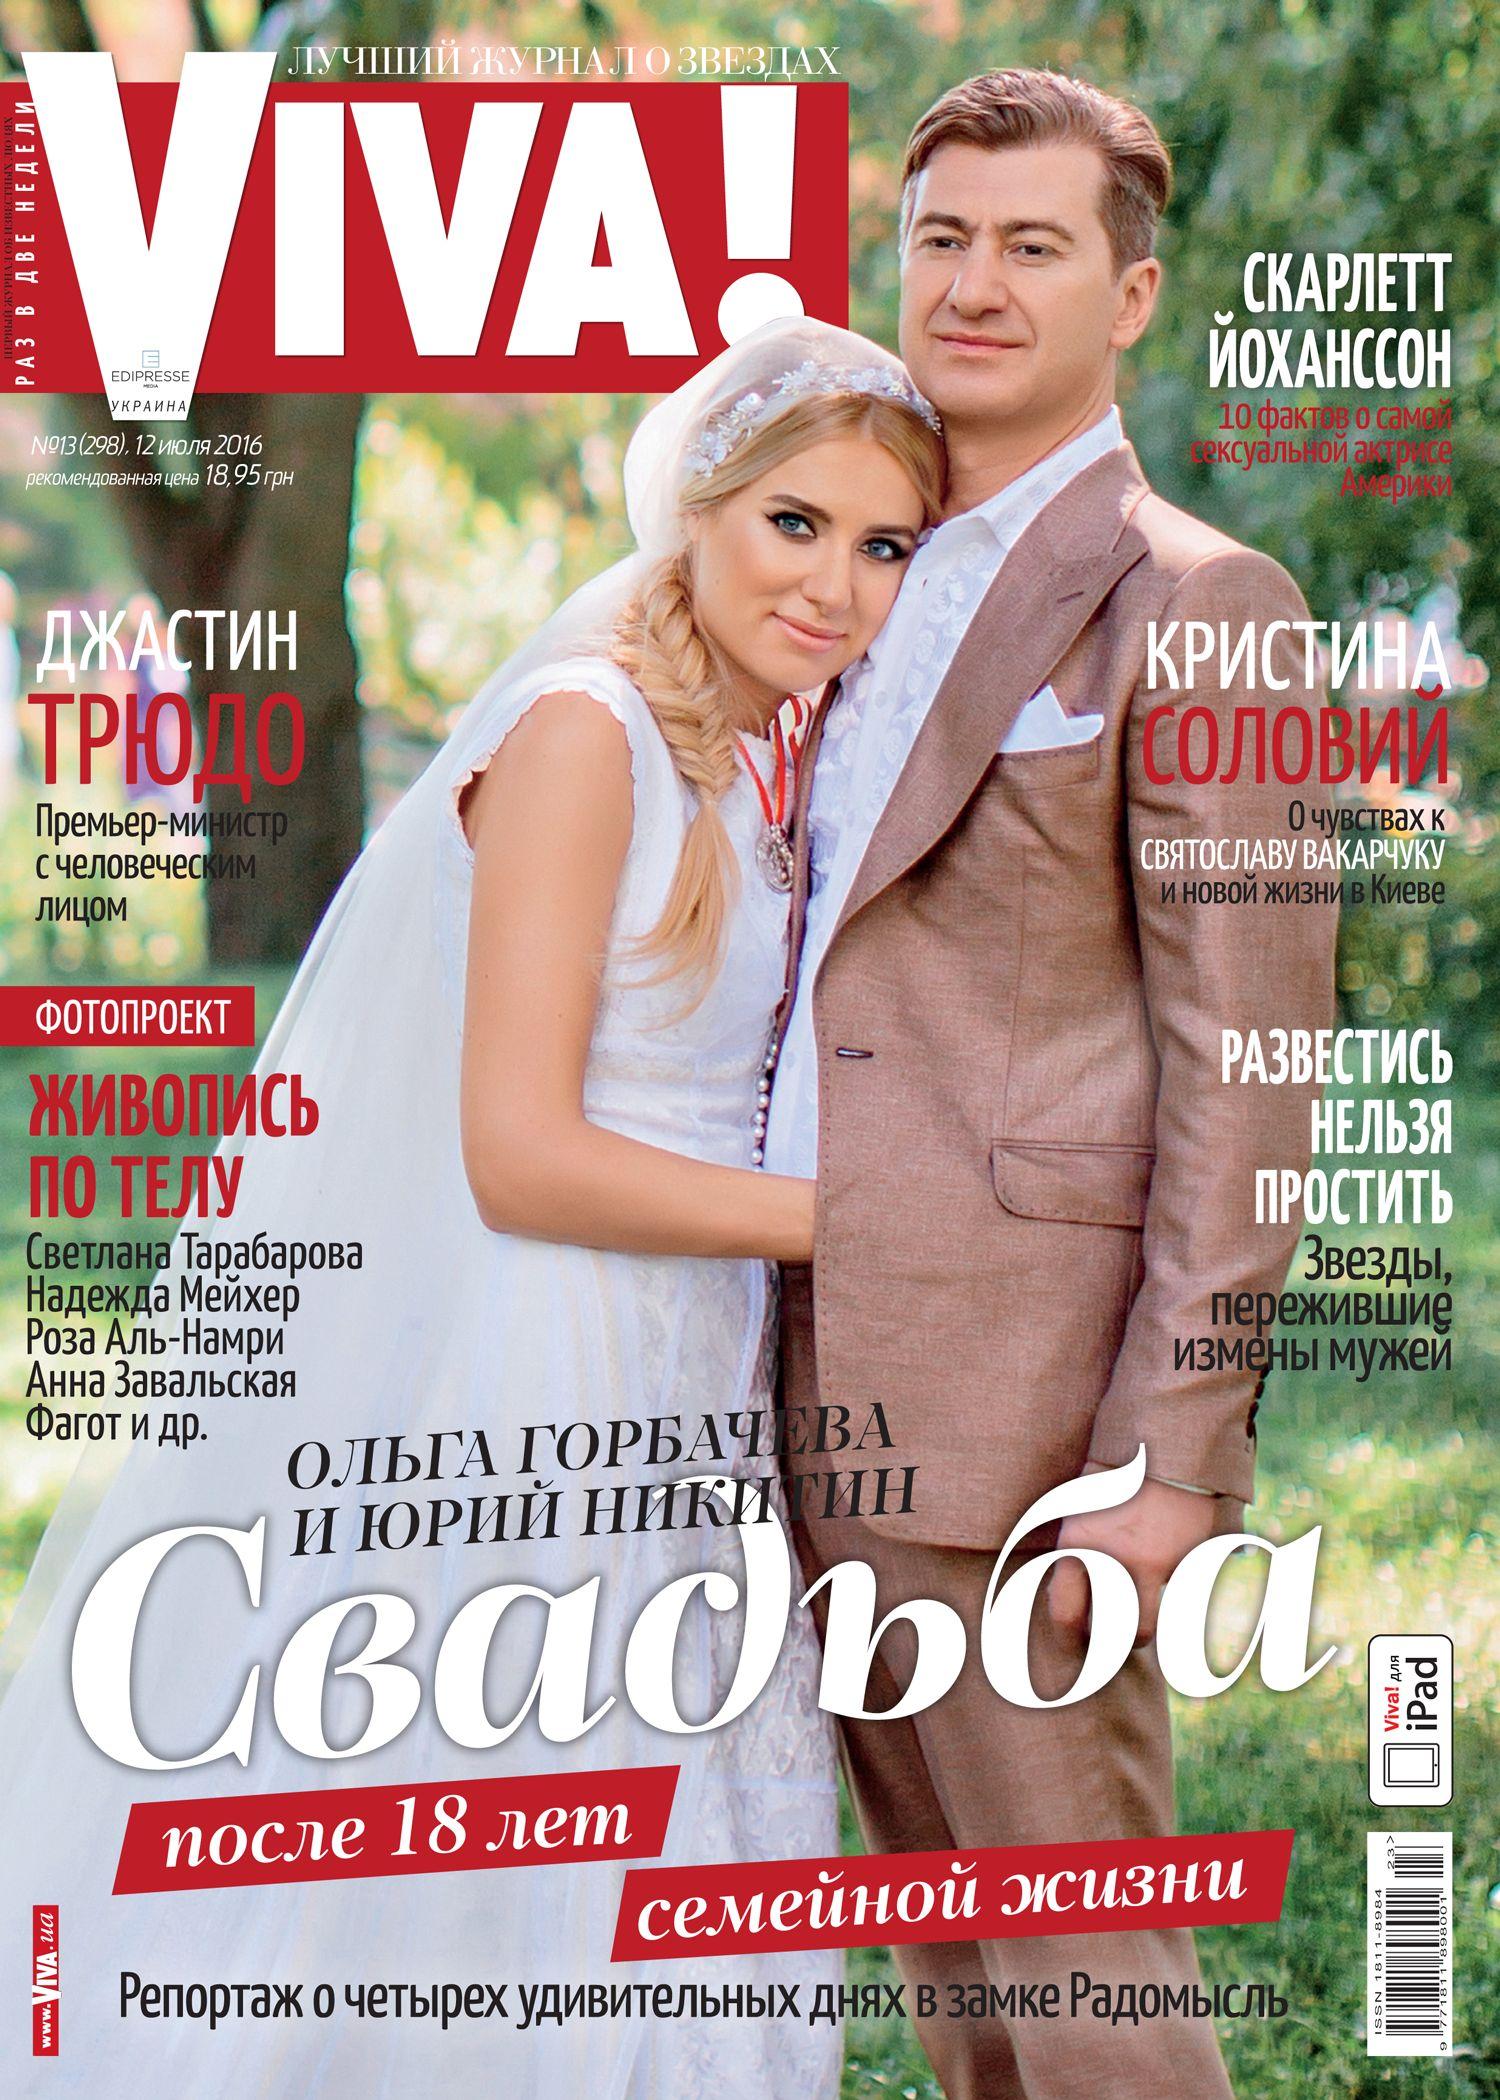 Ольга Горбачева и Юрий Никитин - Теперь мы вместе навсегда